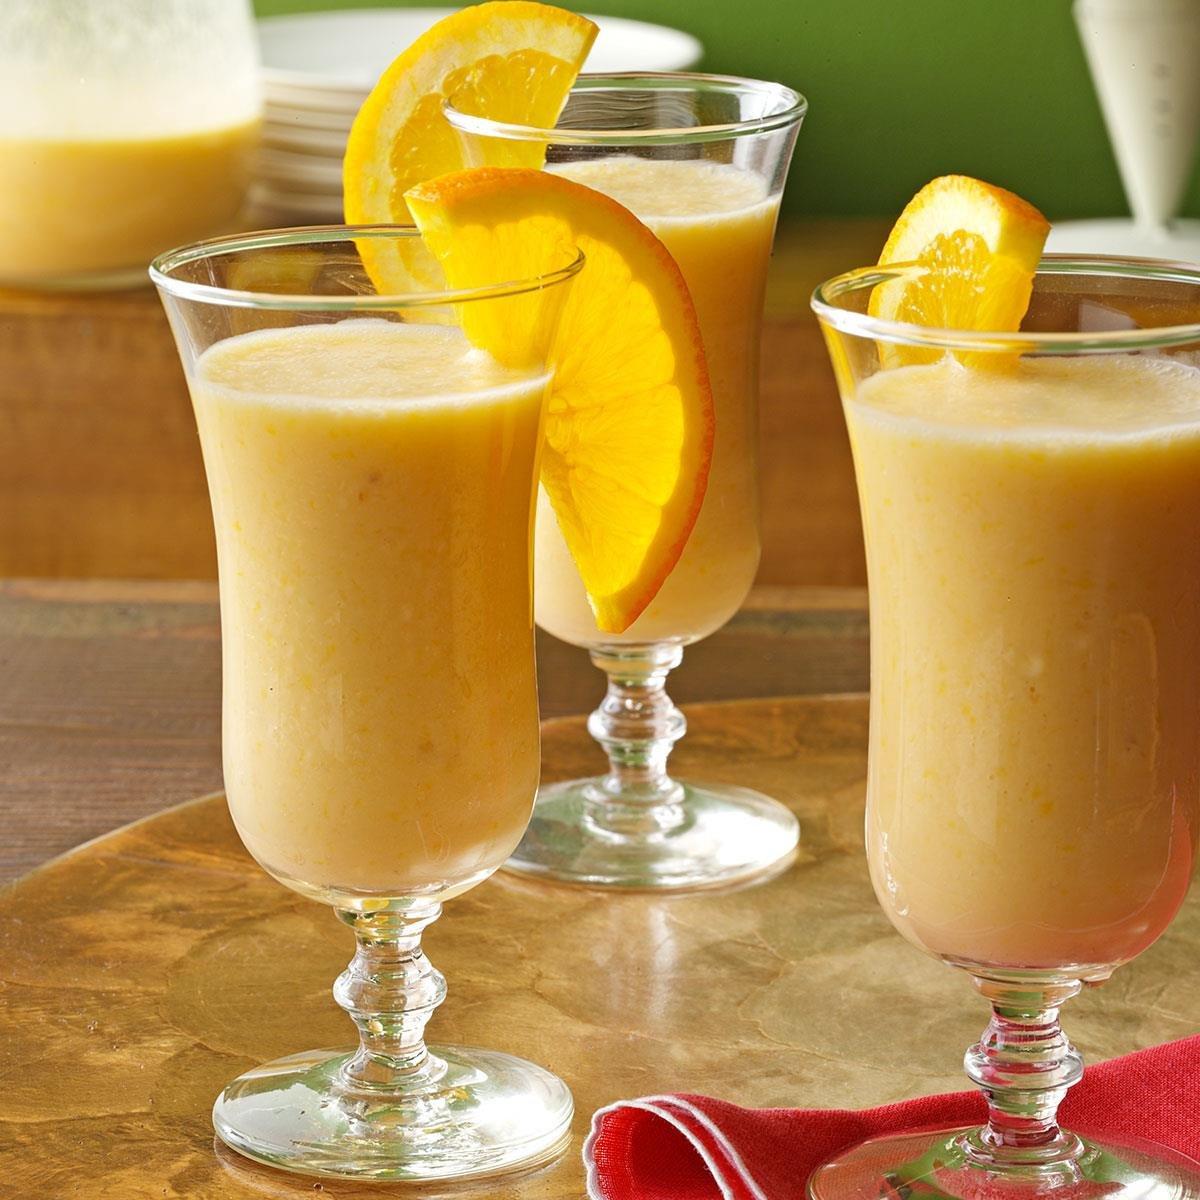 Image result for orange smoothie